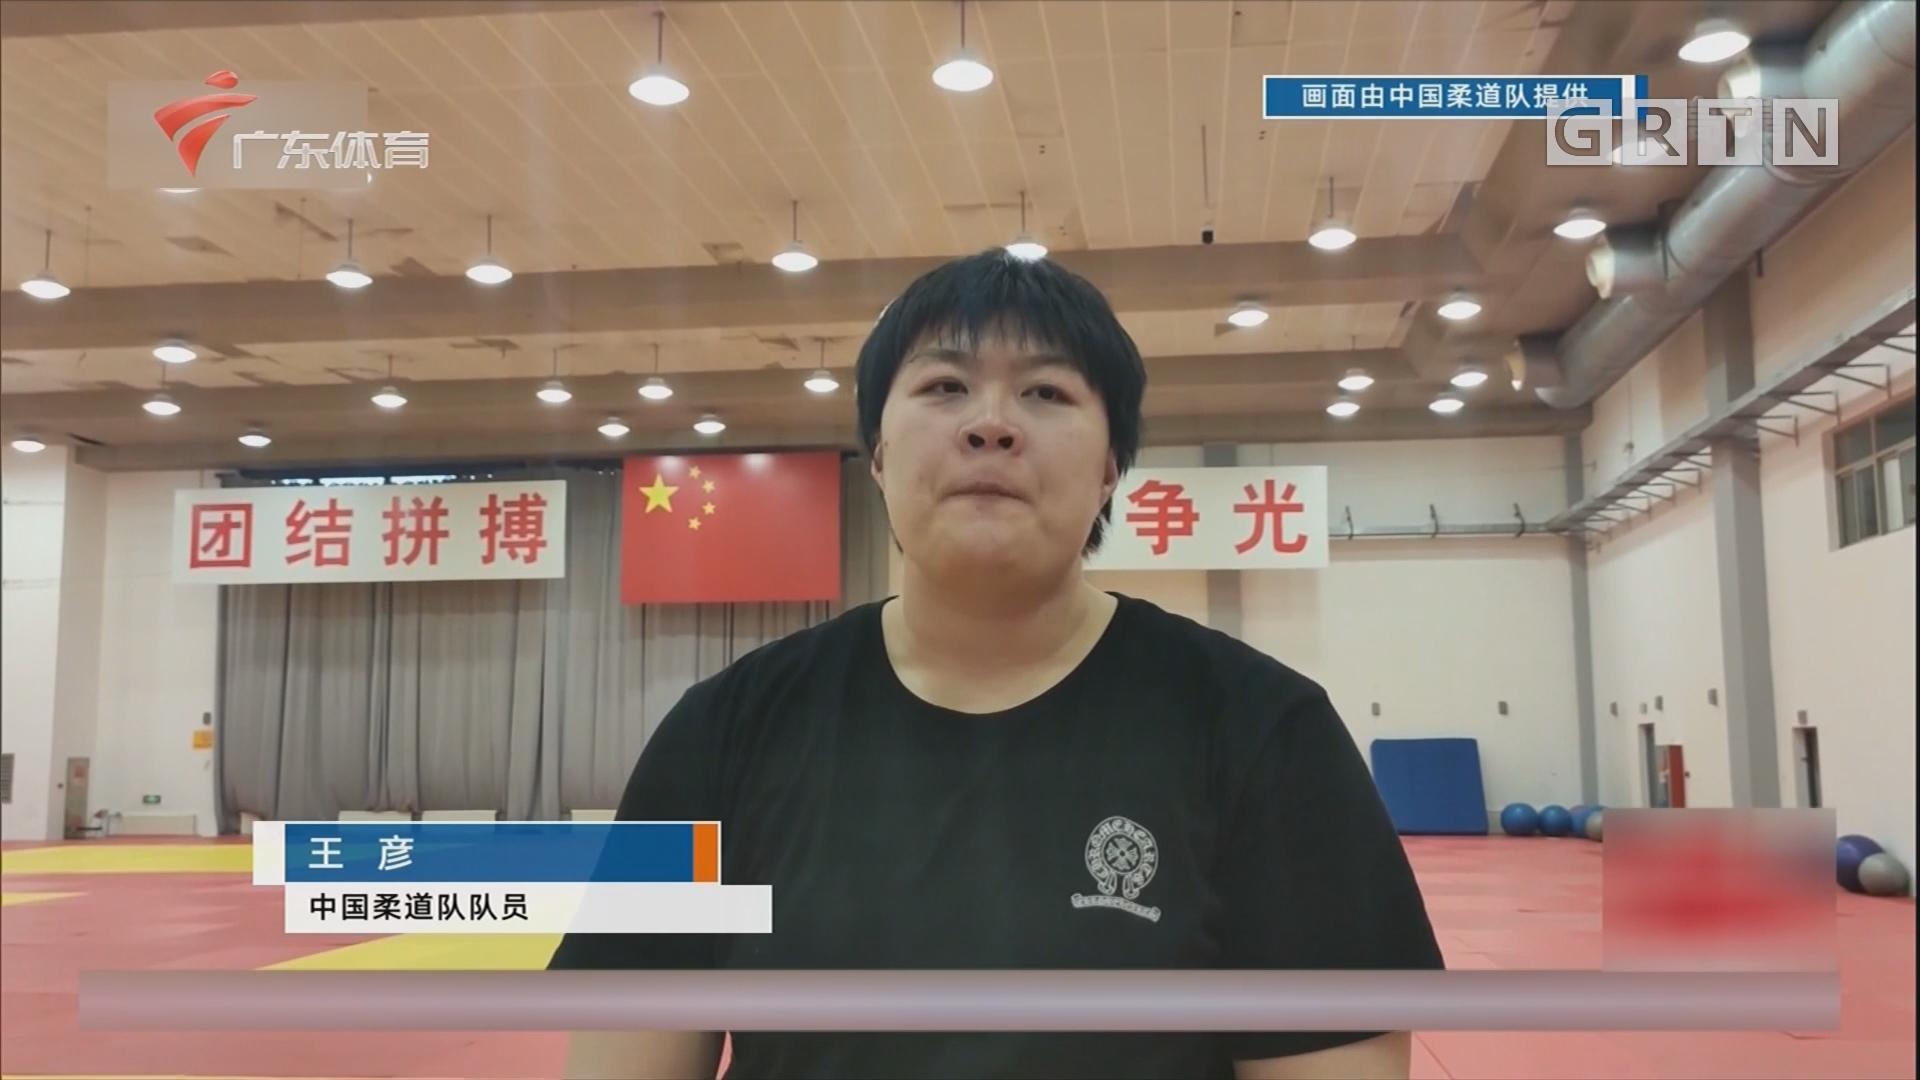 中国柔道队:体能训练 花样繁多